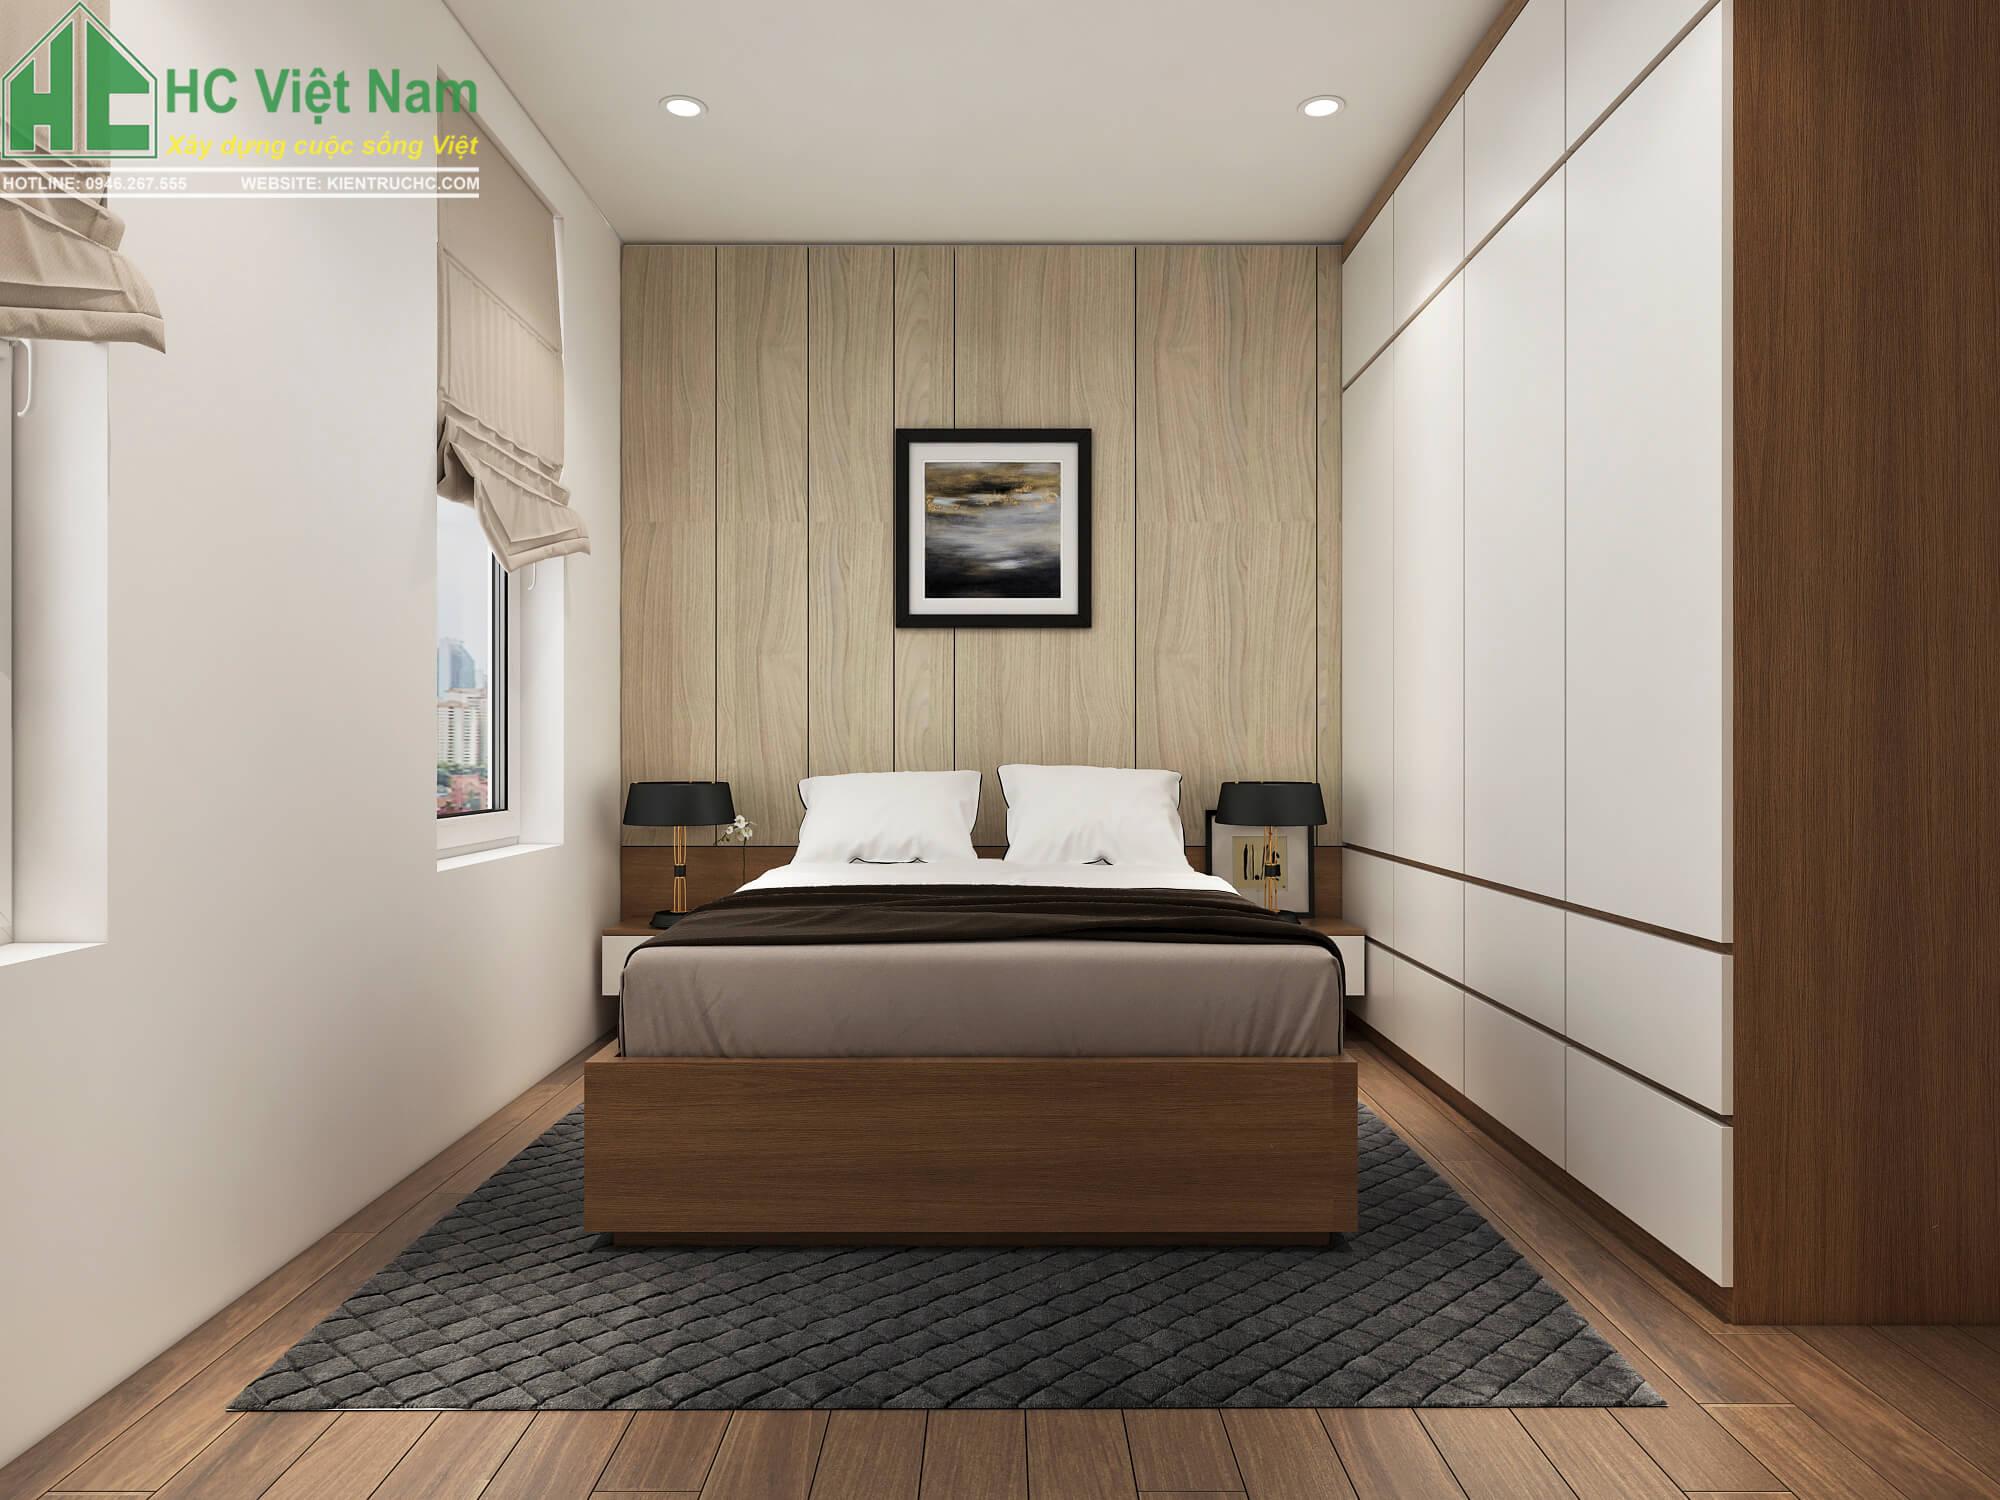 Thiết kế nội thất phòng ngủ tầng 2